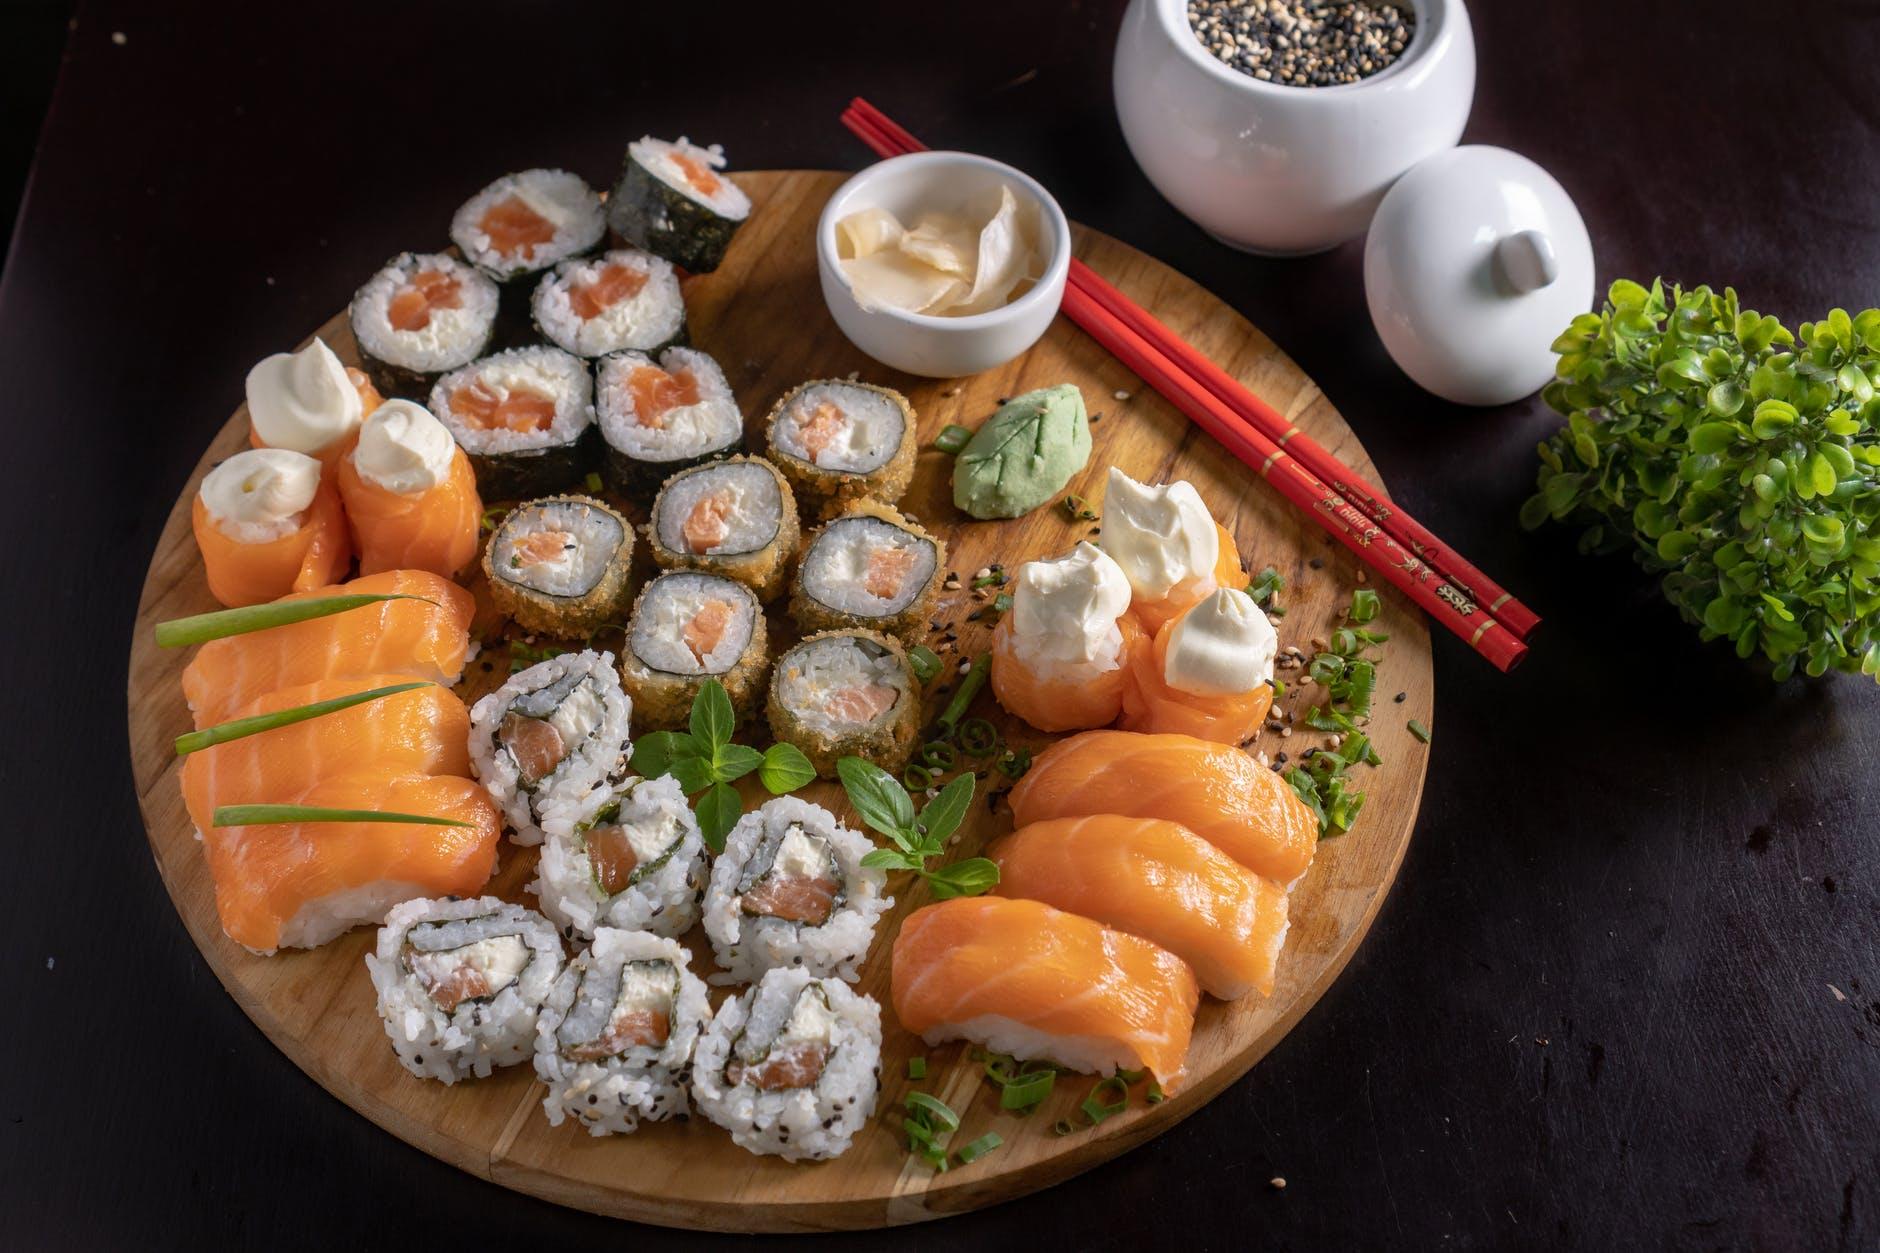 Makanan Khas Jepang Yang Mudah Ditemukan Di Indonesia